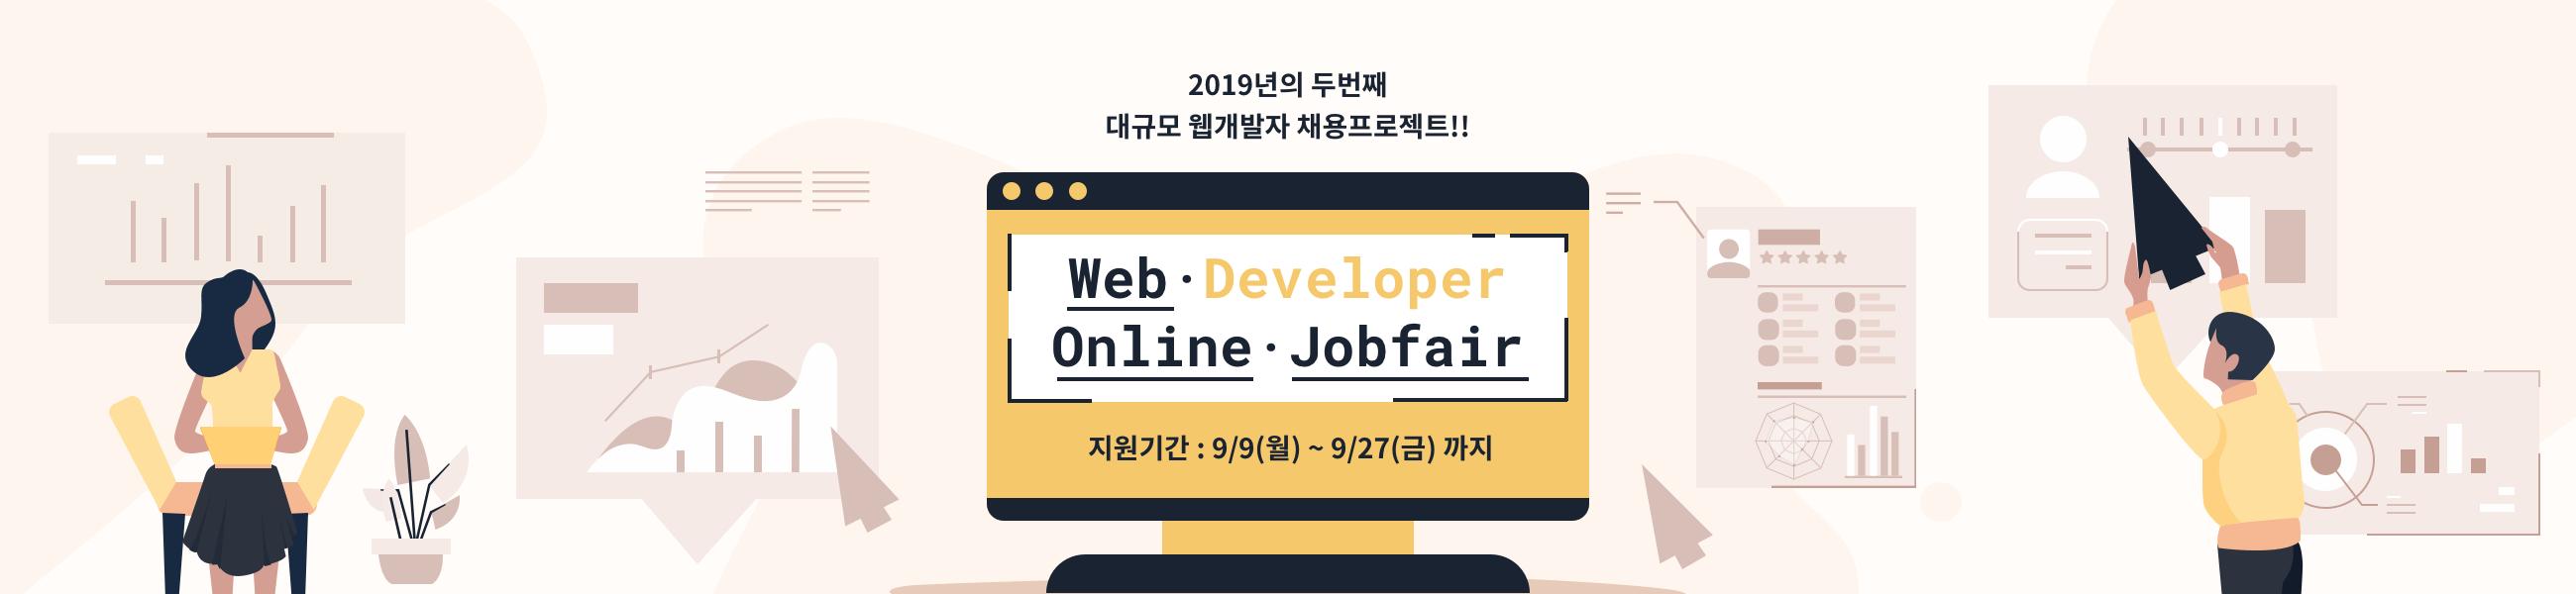 프로그래머스 2019 웹개발자 온라인 잡페어의 이미지